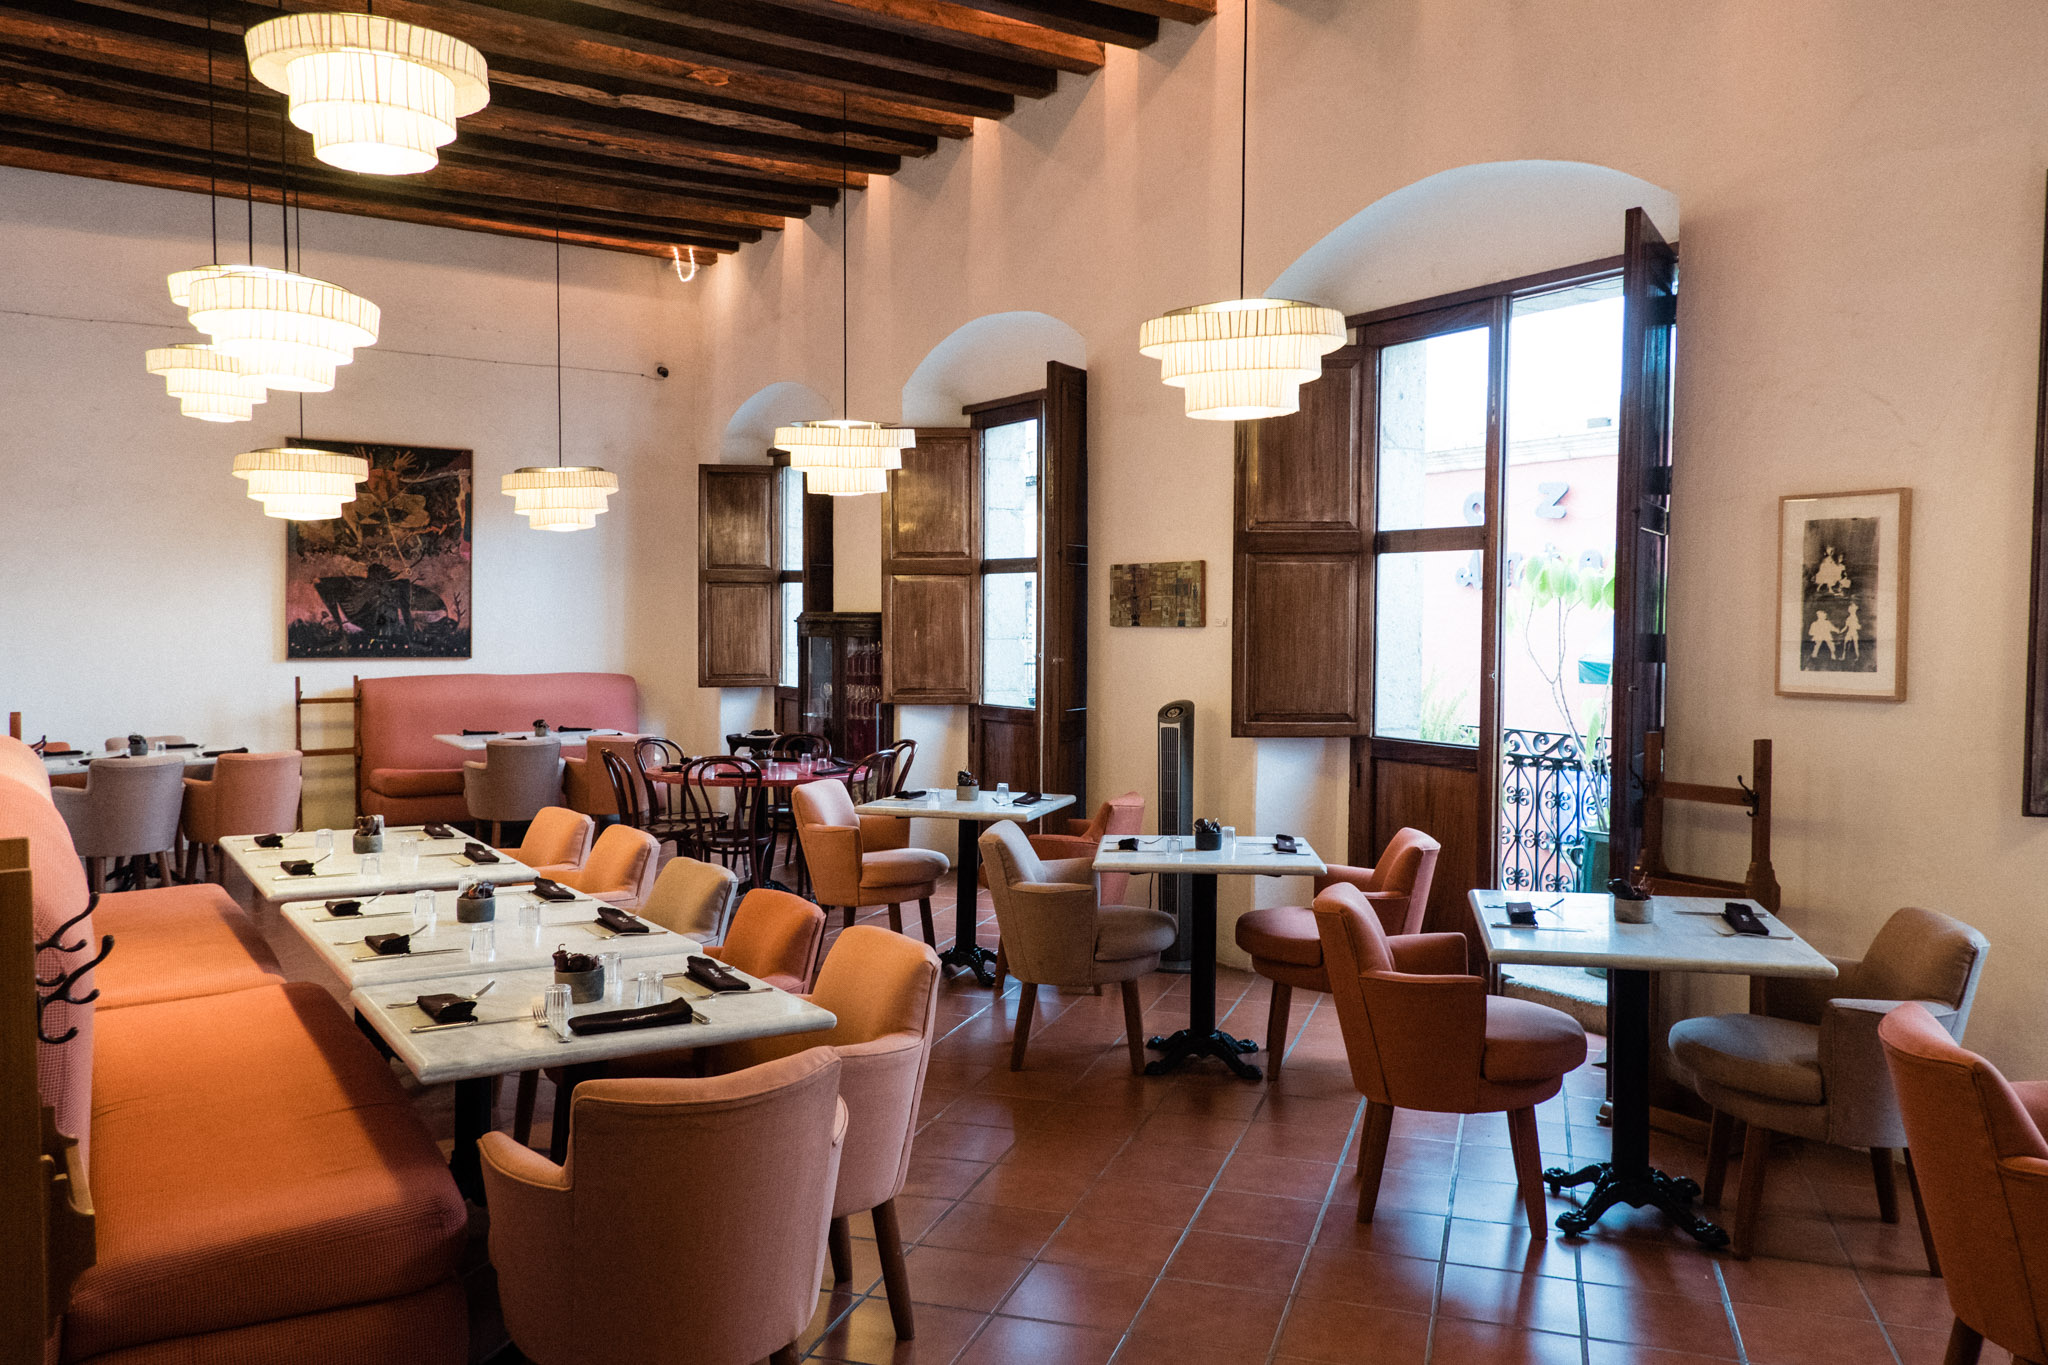 Design by architect Guillermo De la Cajiga